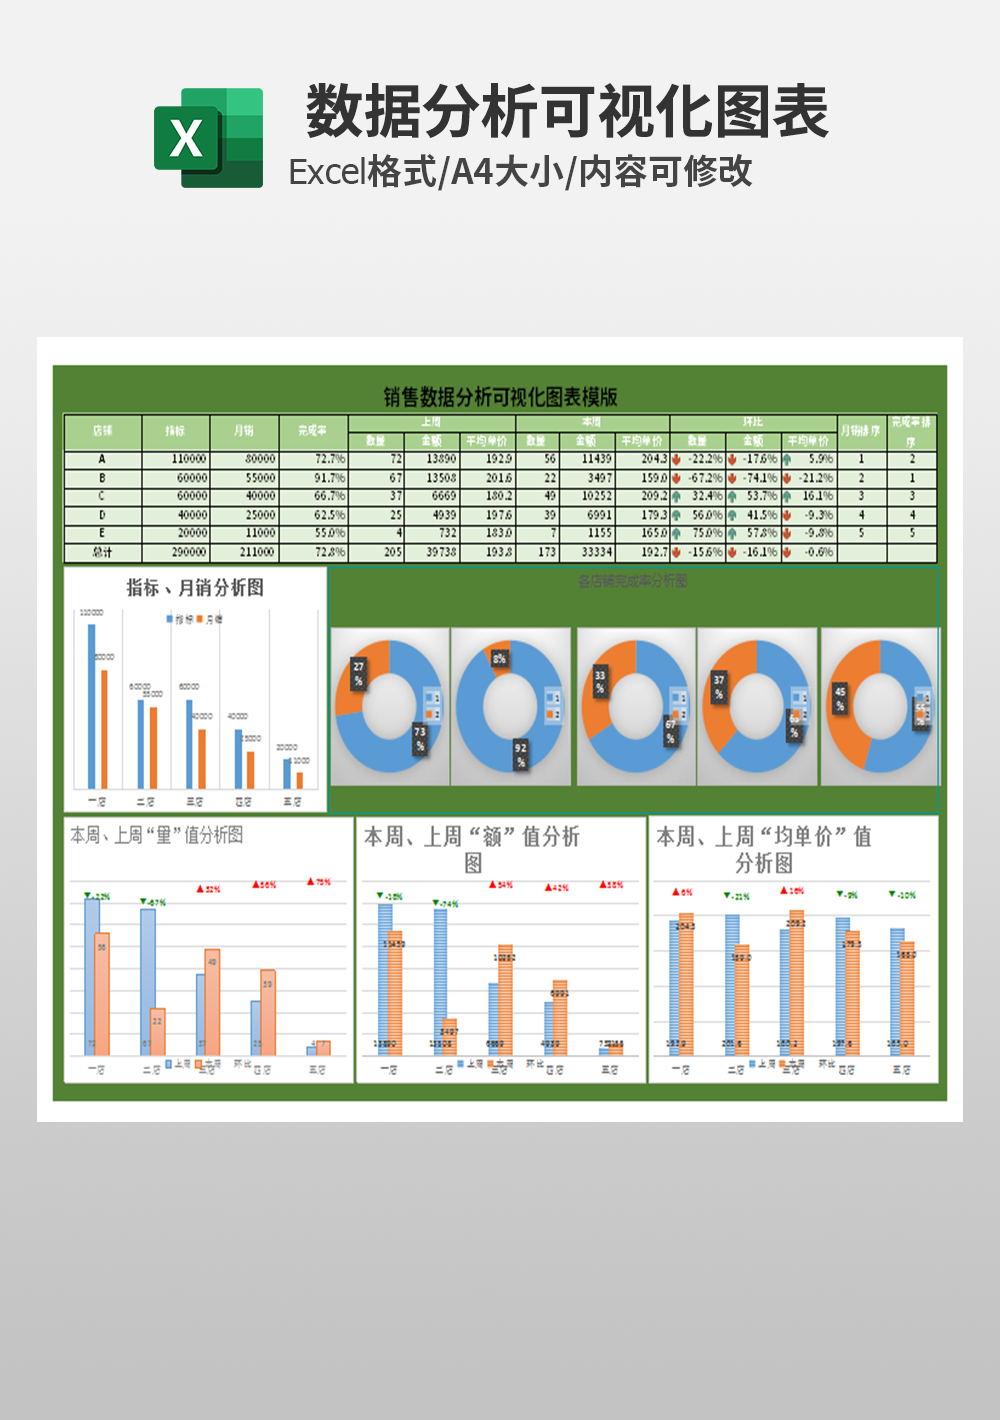 创意多表联动销售数据分析可视化图表模板